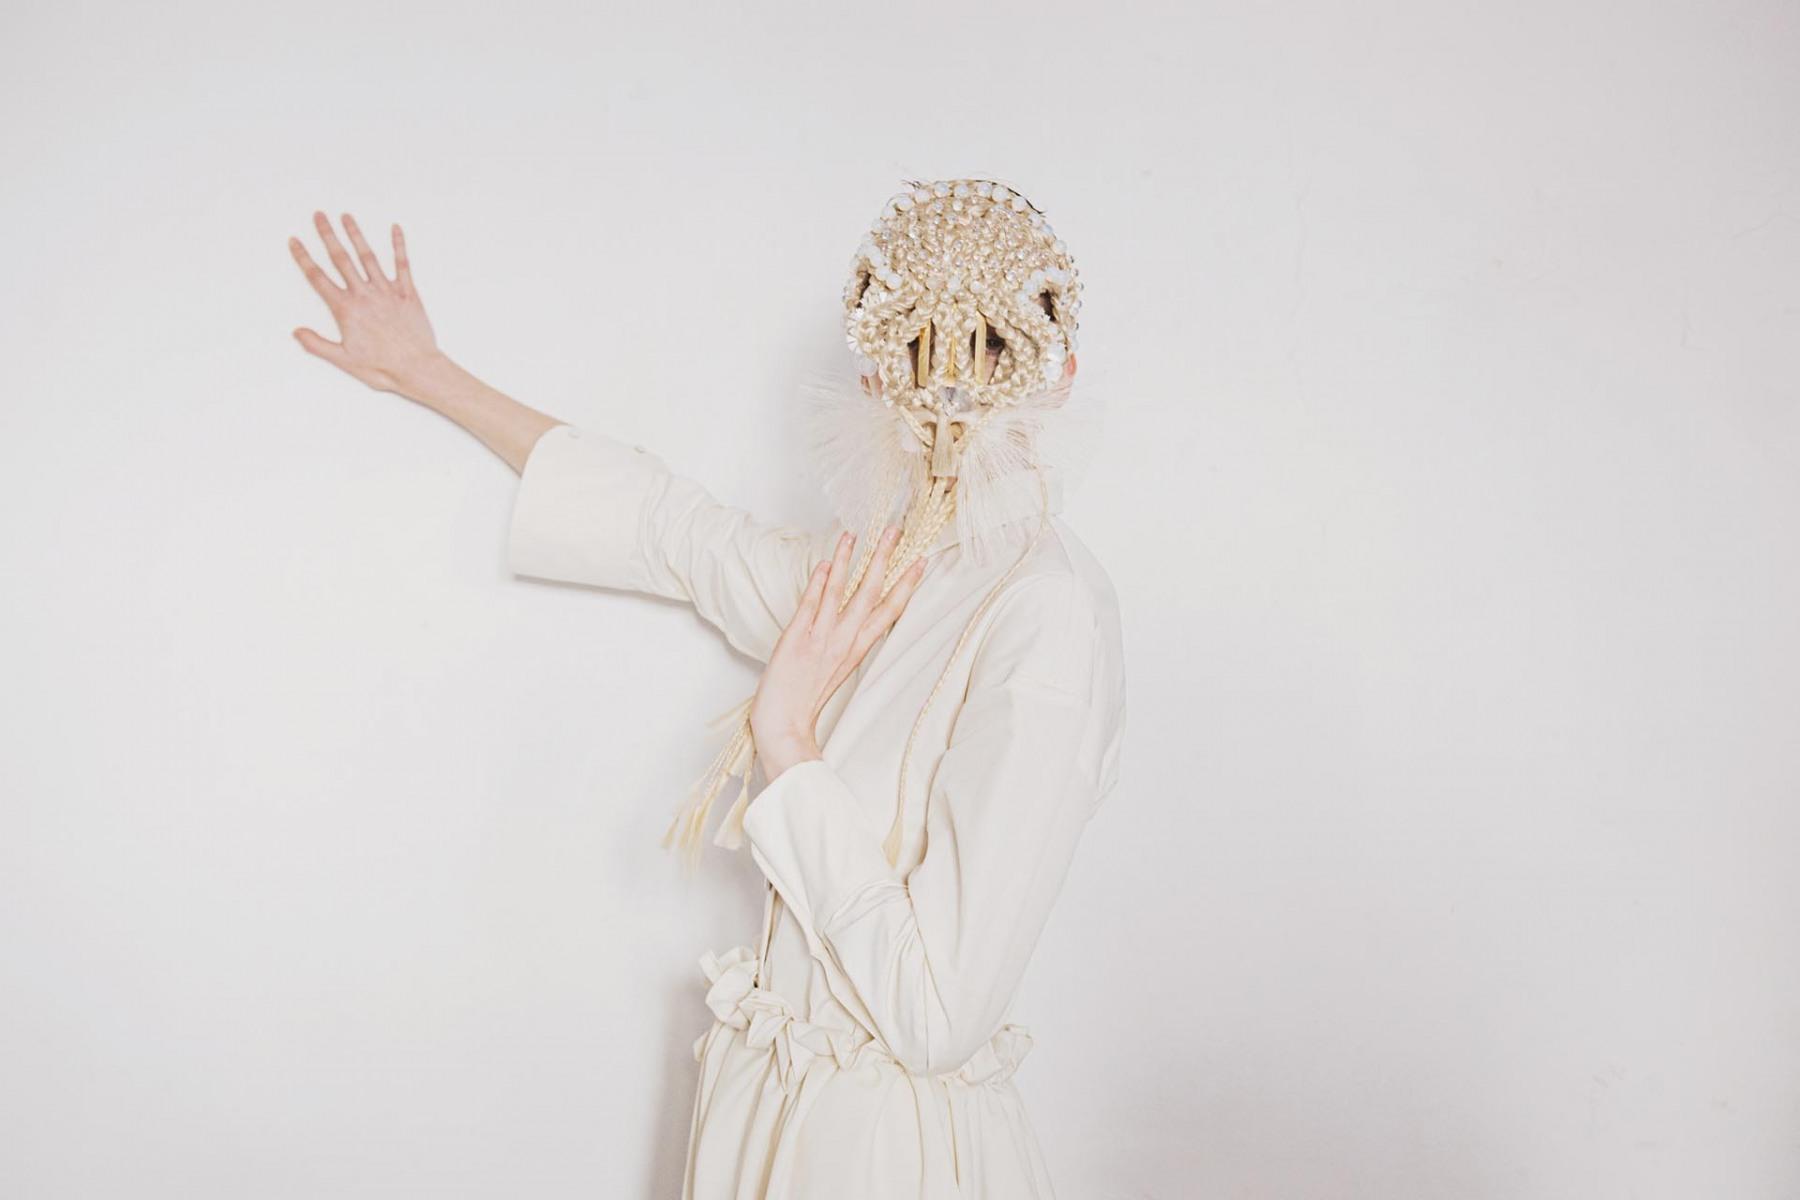 Xuan-Printemps-Eté-2020-Haute-couture-Paris-3